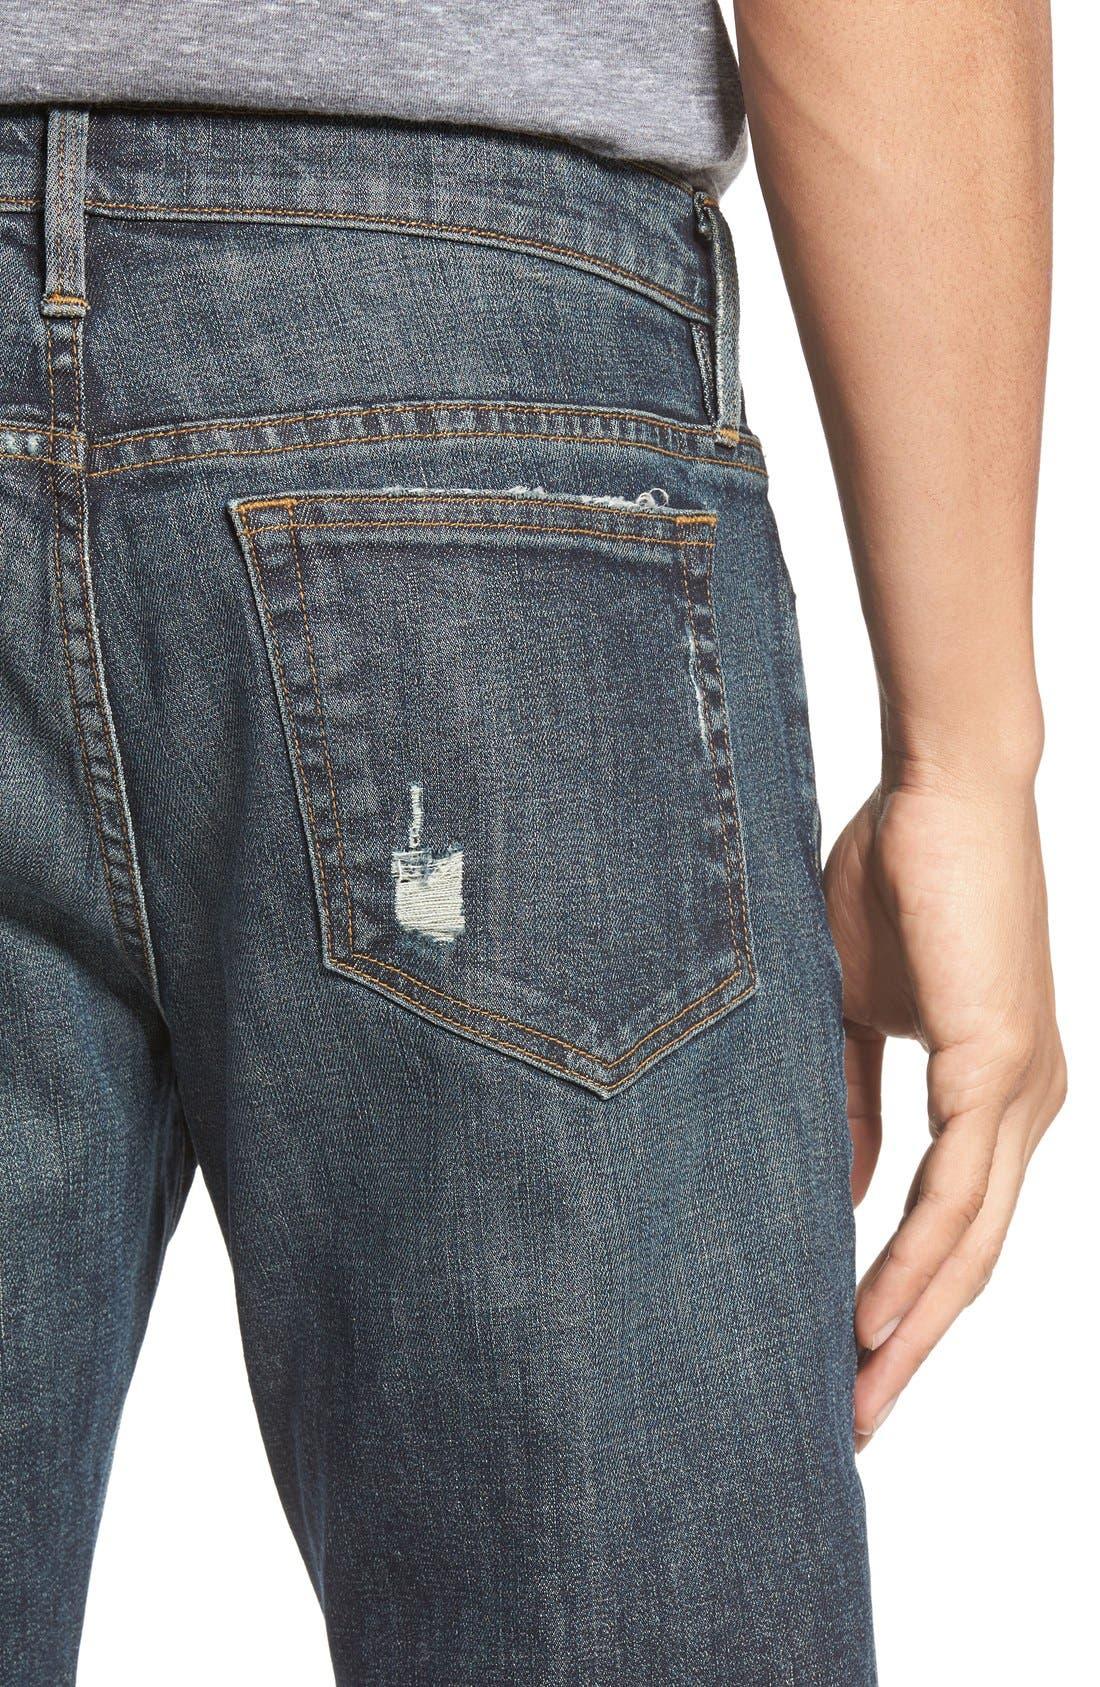 L'Homme Slim Fit Jeans,                             Alternate thumbnail 2, color,                             401